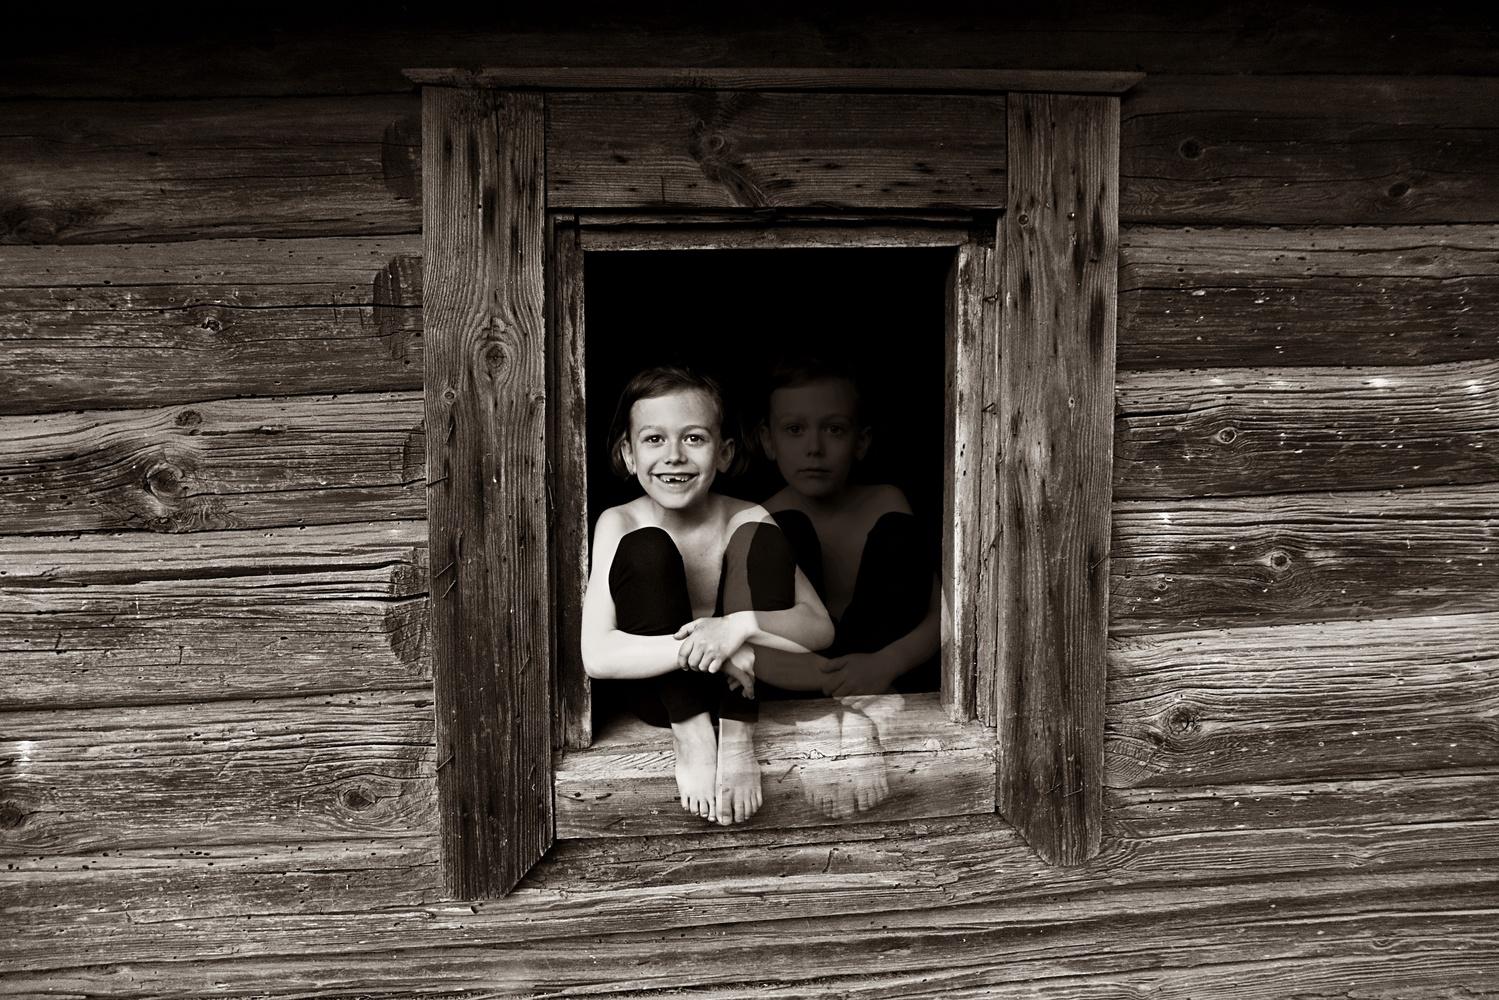 Childhood by Judita Juknelė